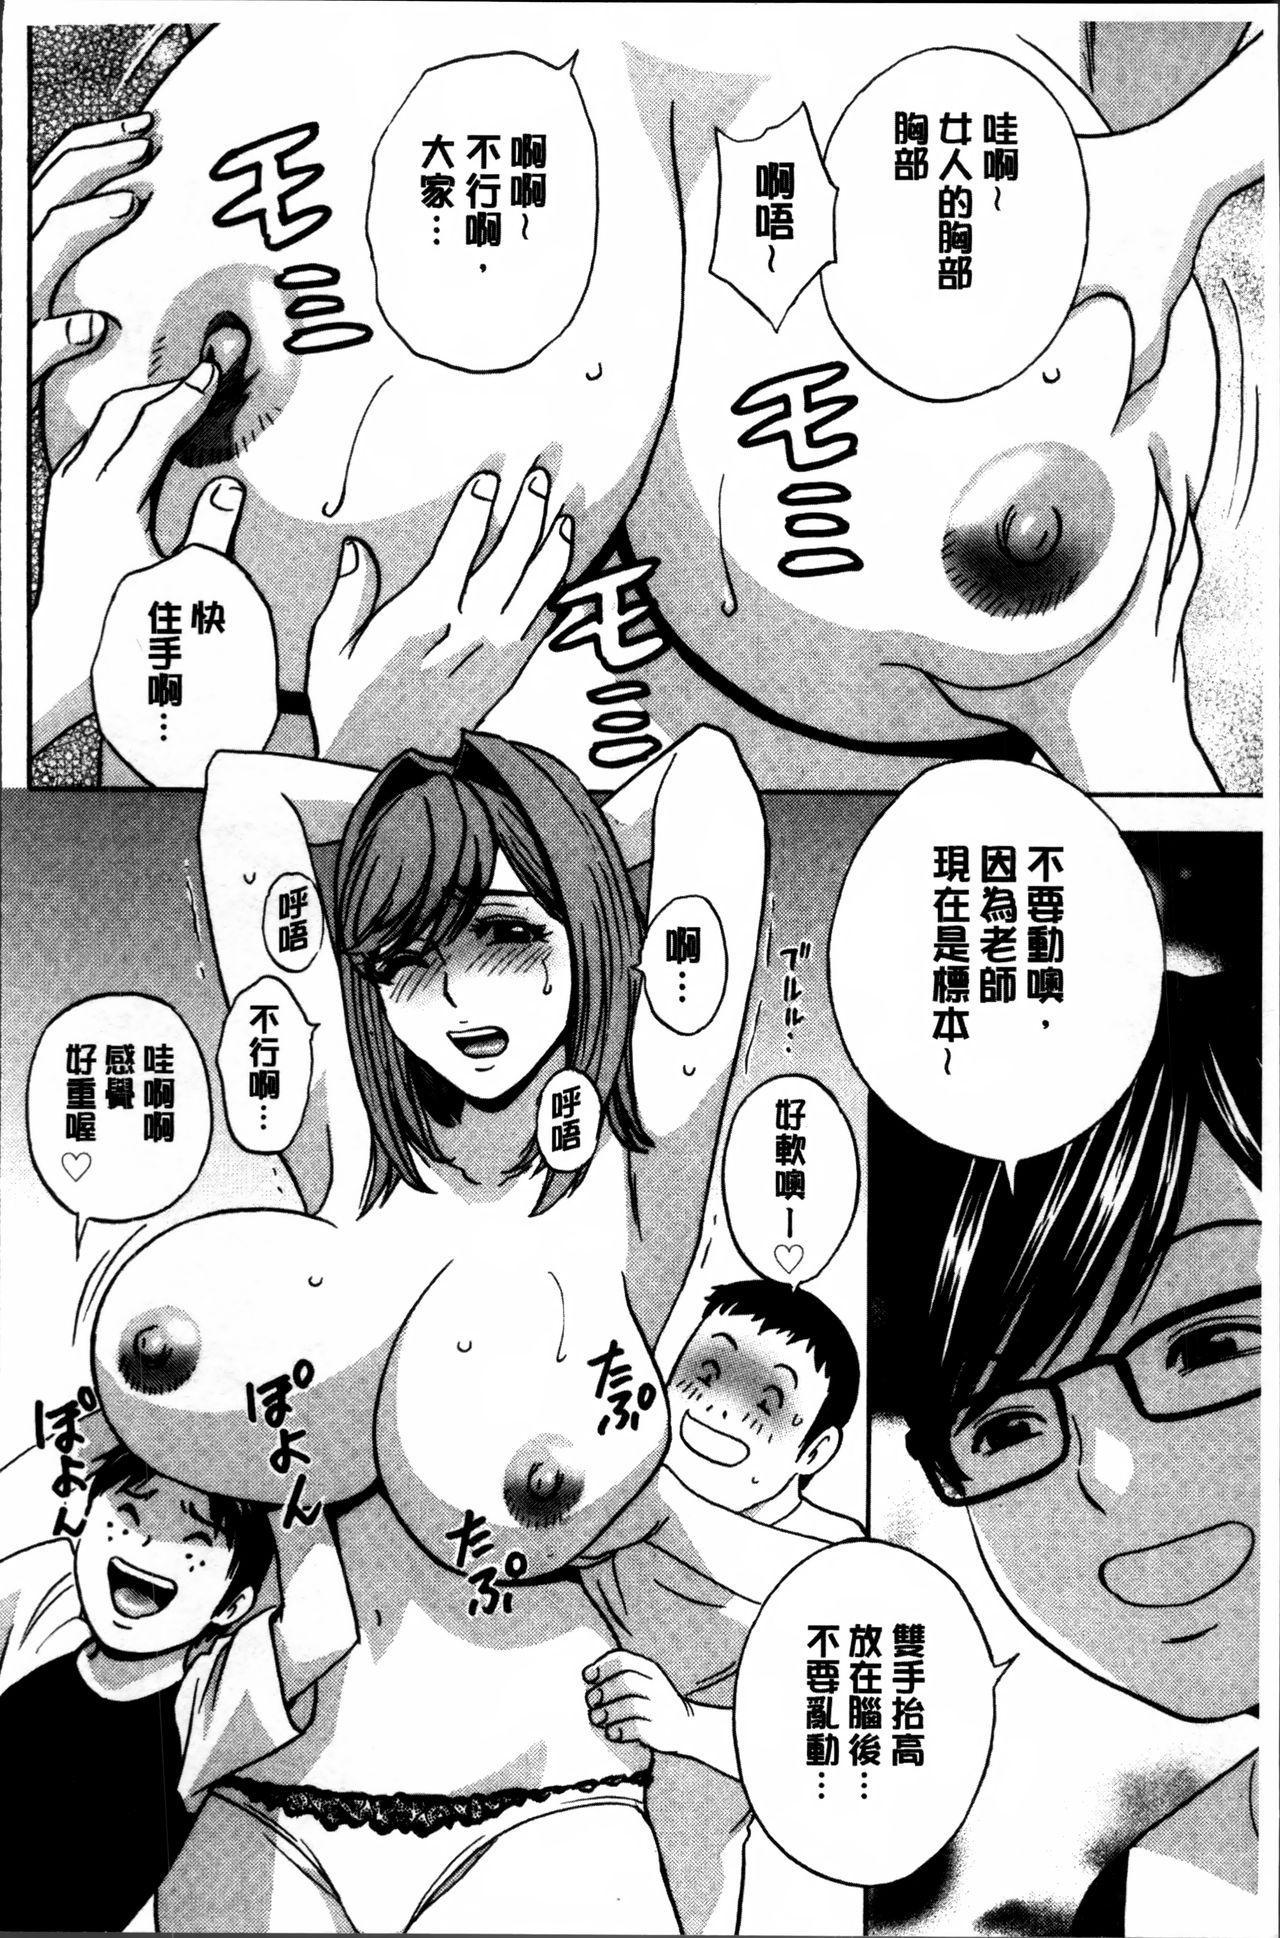 Ryoujyoku!! Urechichi Paradise 177